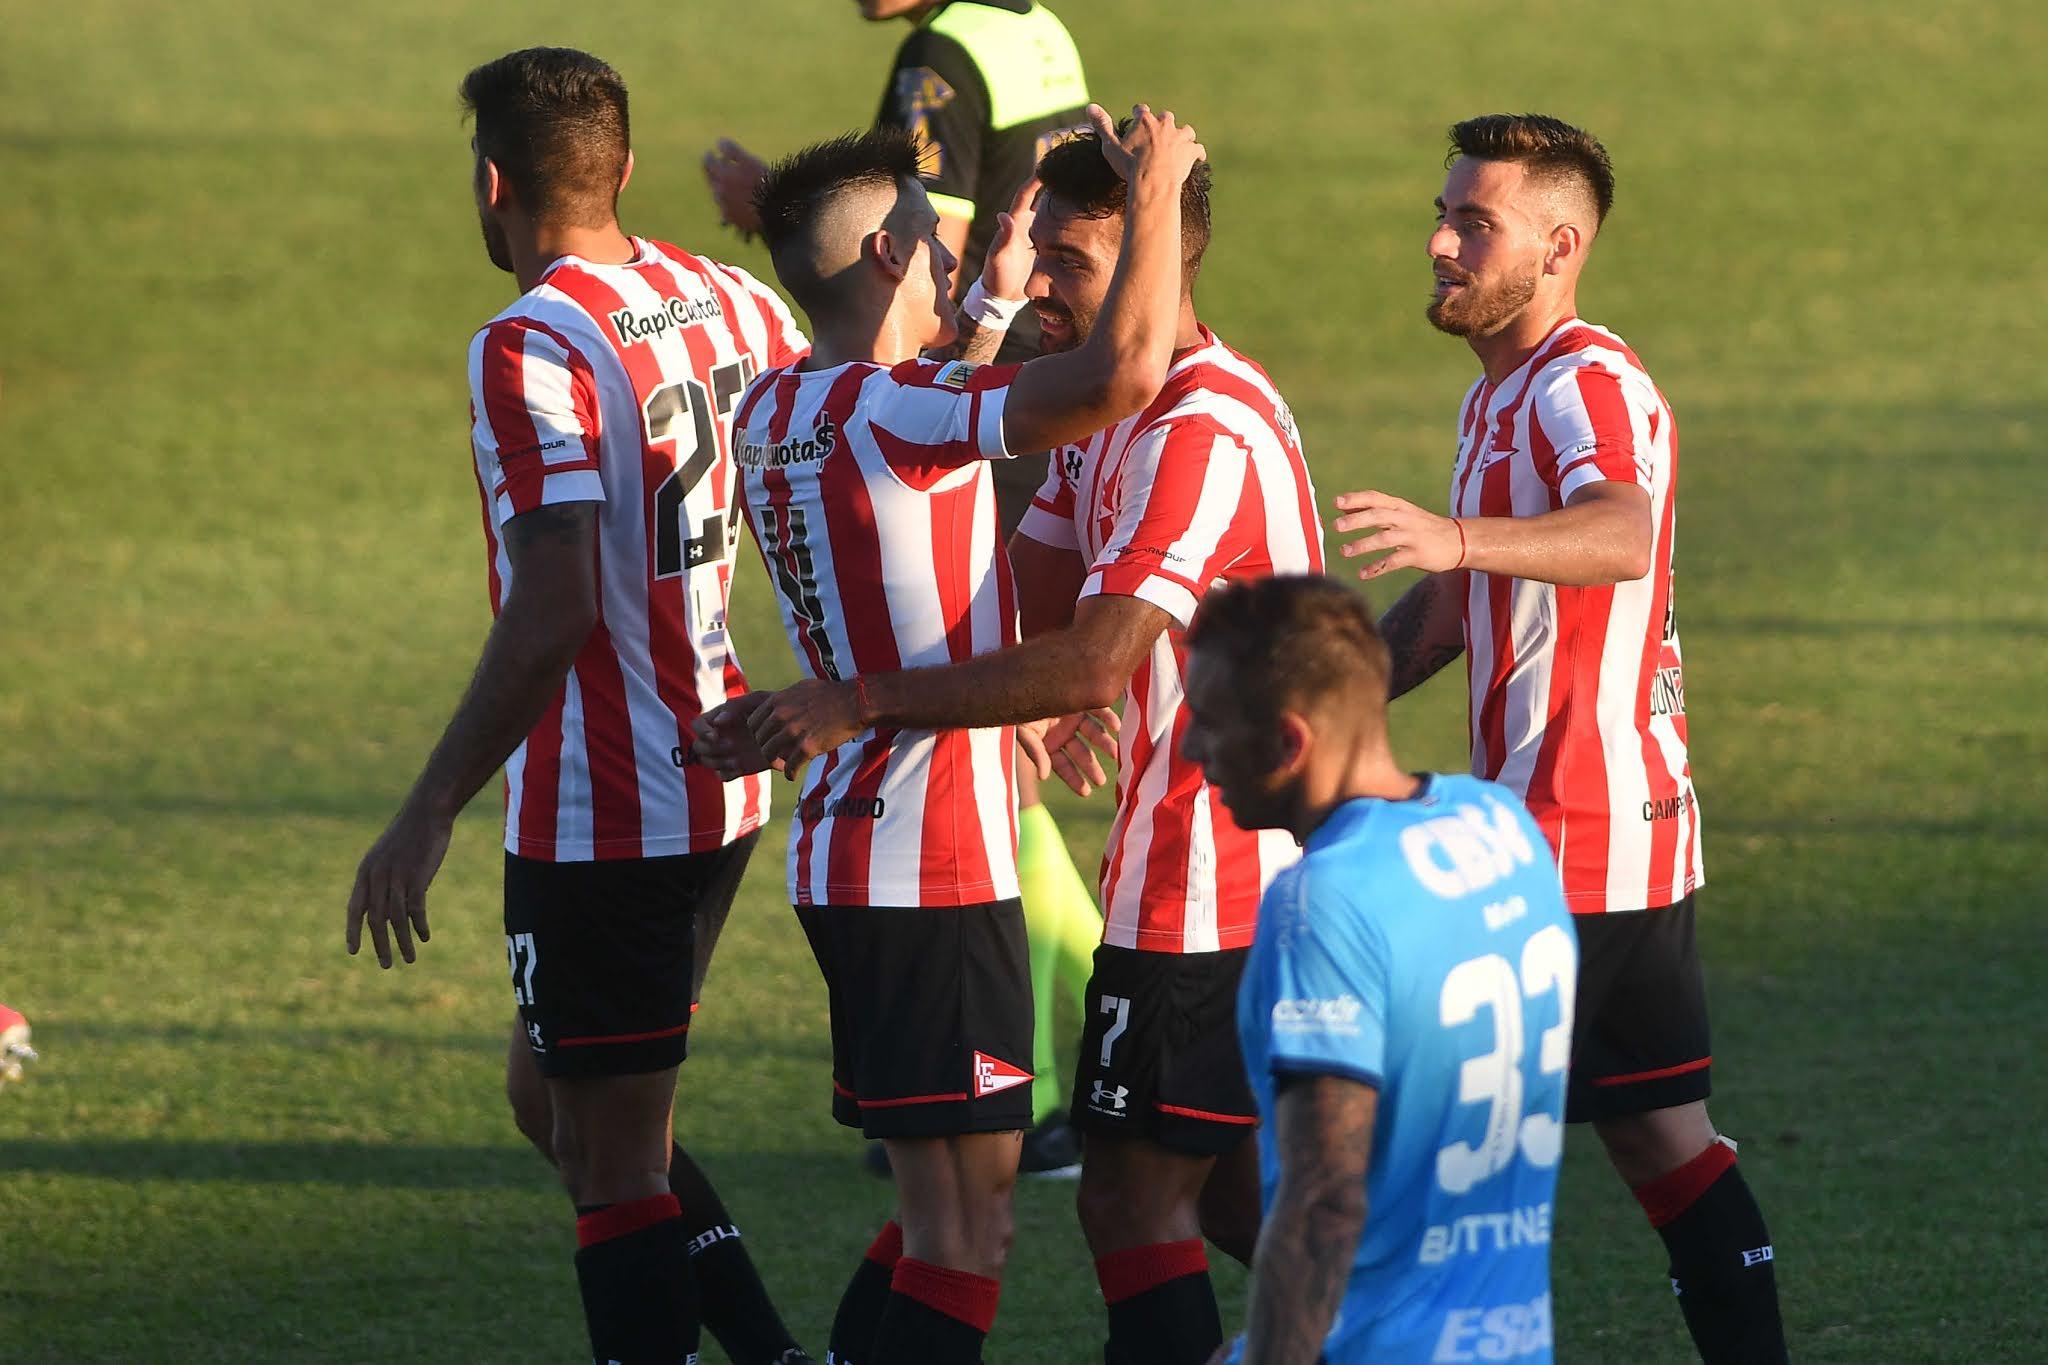 Estudiantes goleó 5 a 0 a Arsenal y se consolidó como escolta de Colón